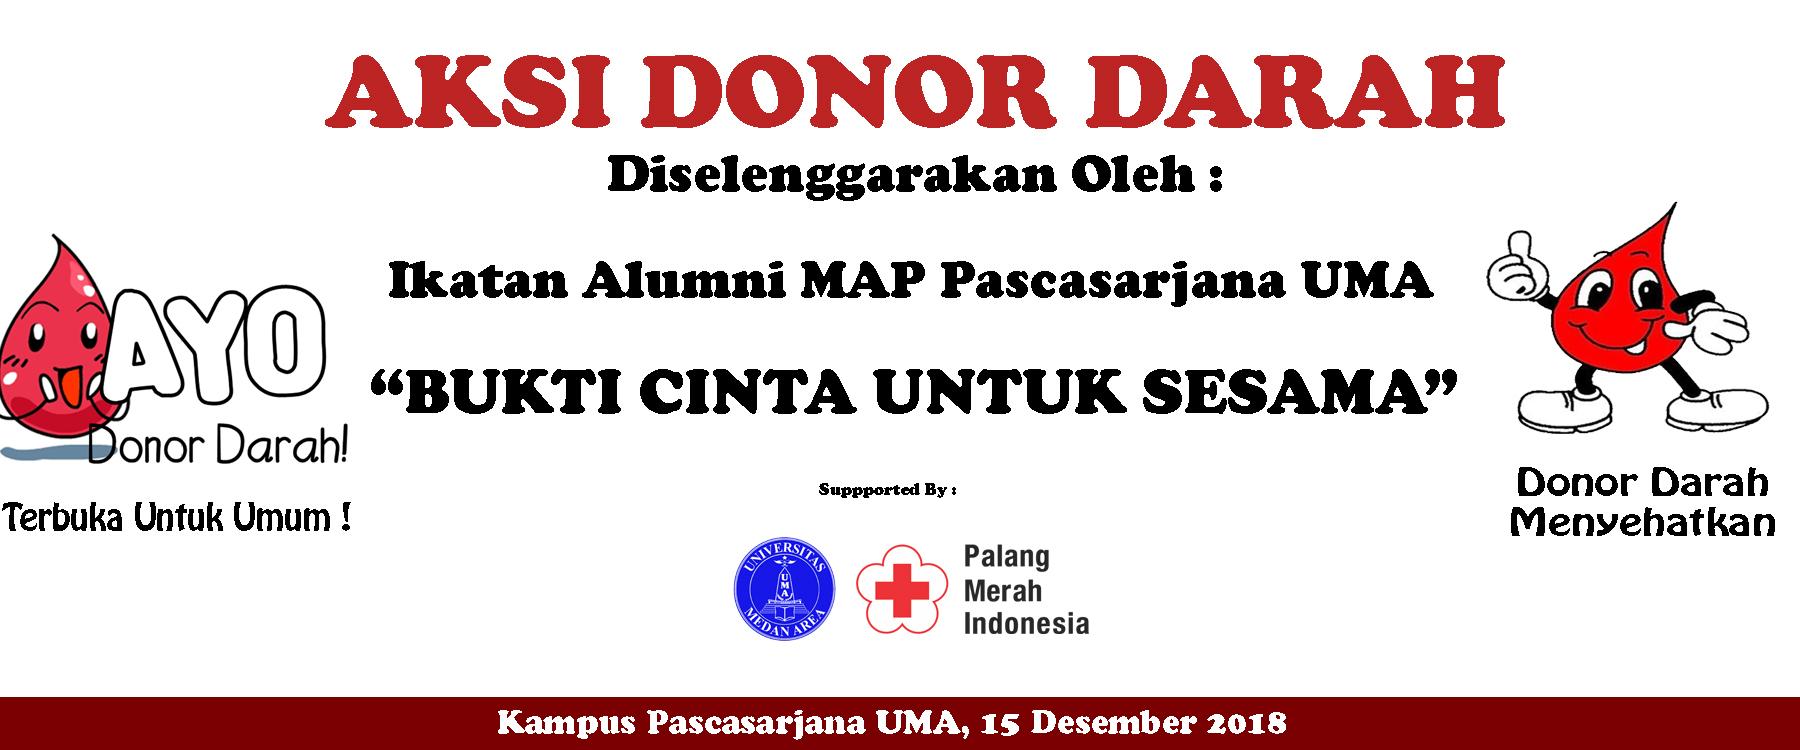 Aksi Donor Darah Dengan Ikatan Alumni MAP